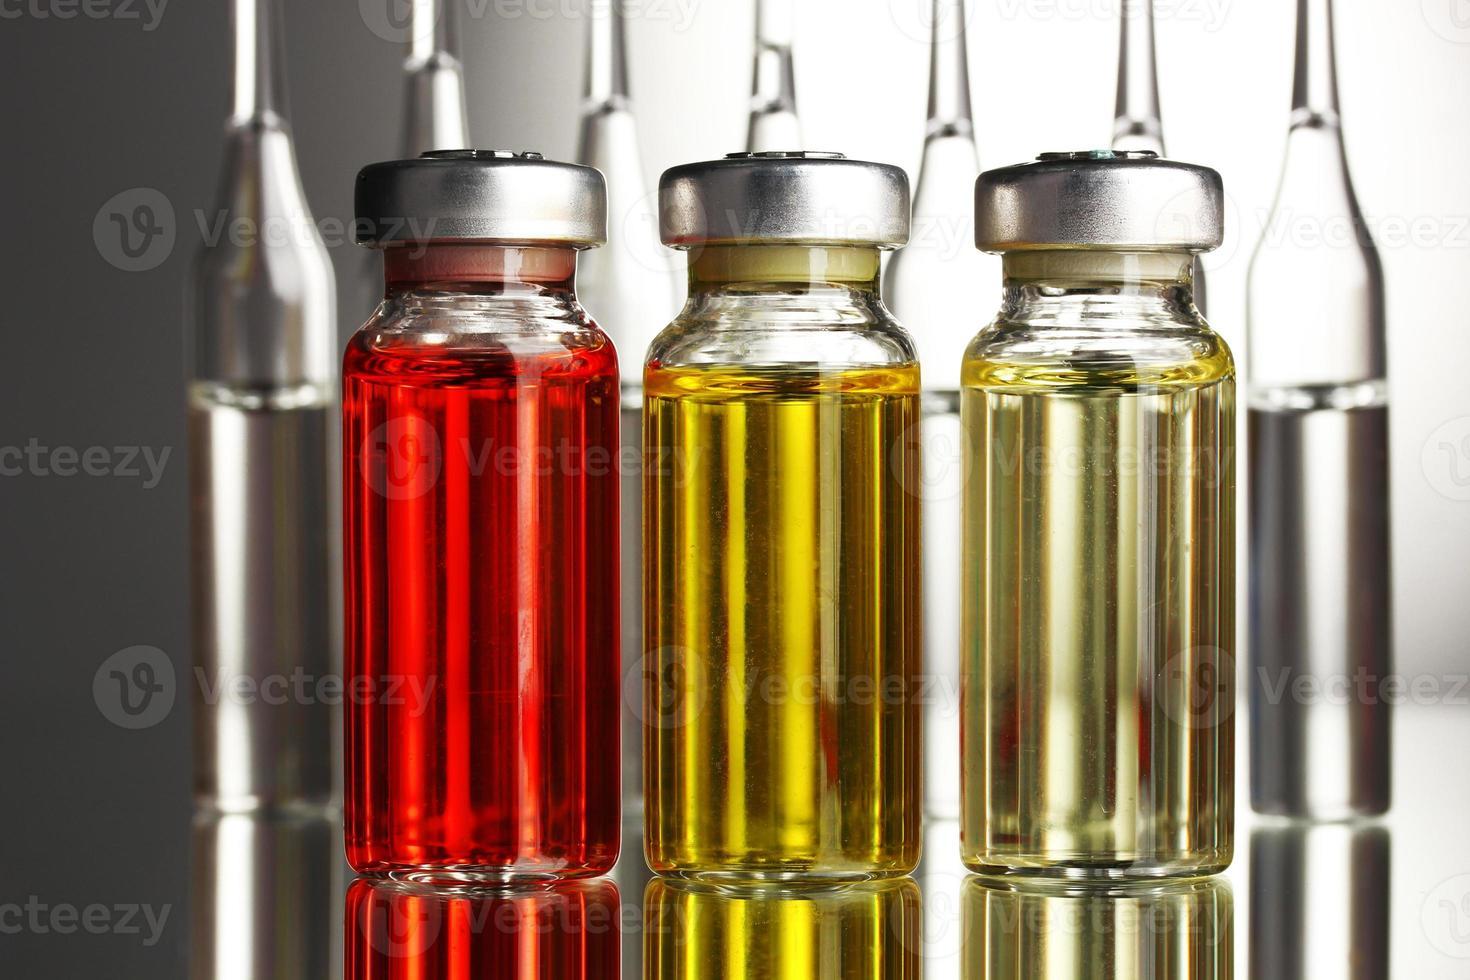 ampolas médicas sobre fundo cinza foto